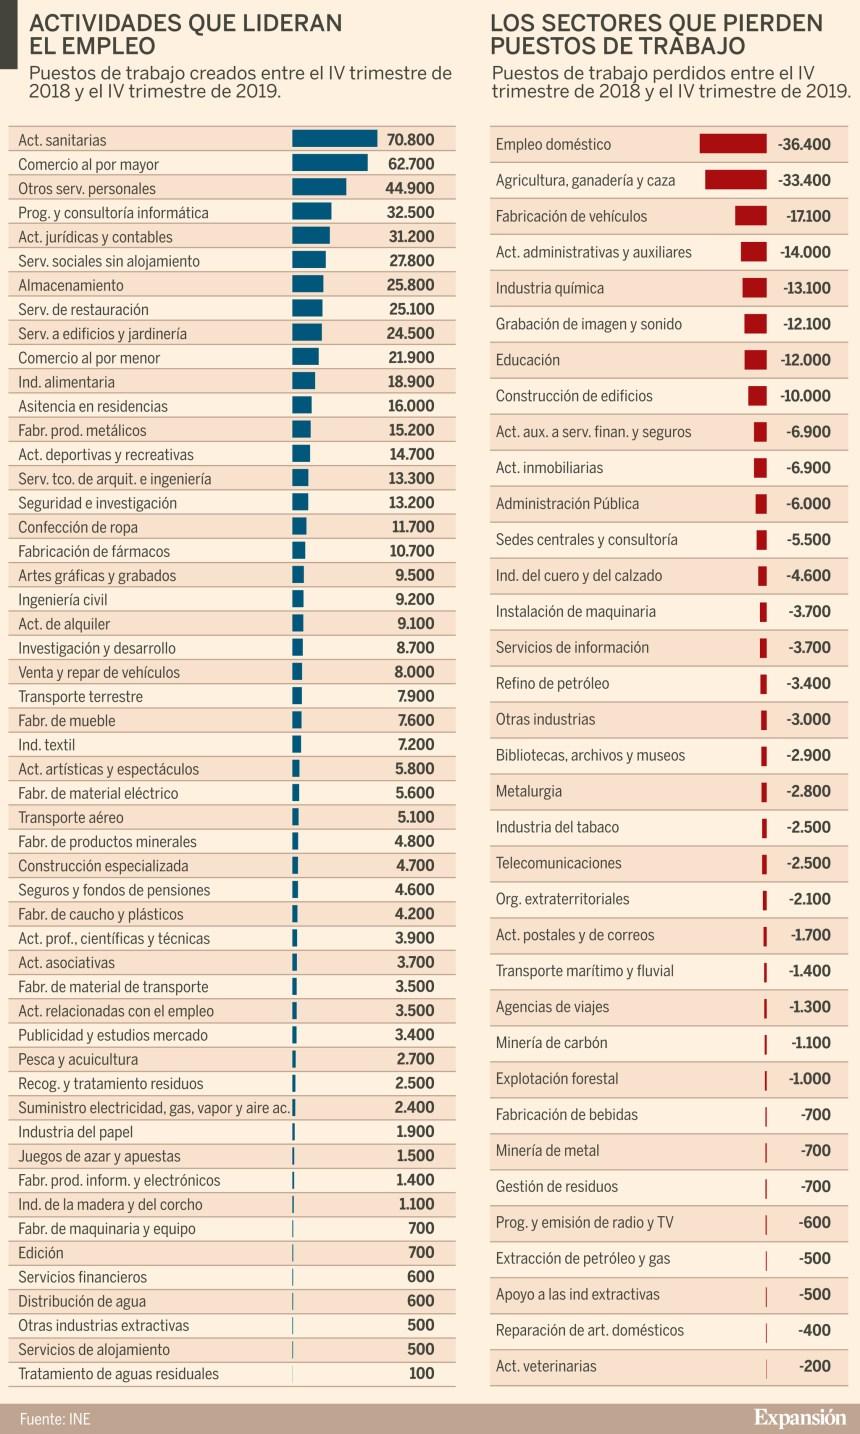 Sectores que más empleo crean y que más destruyen en España